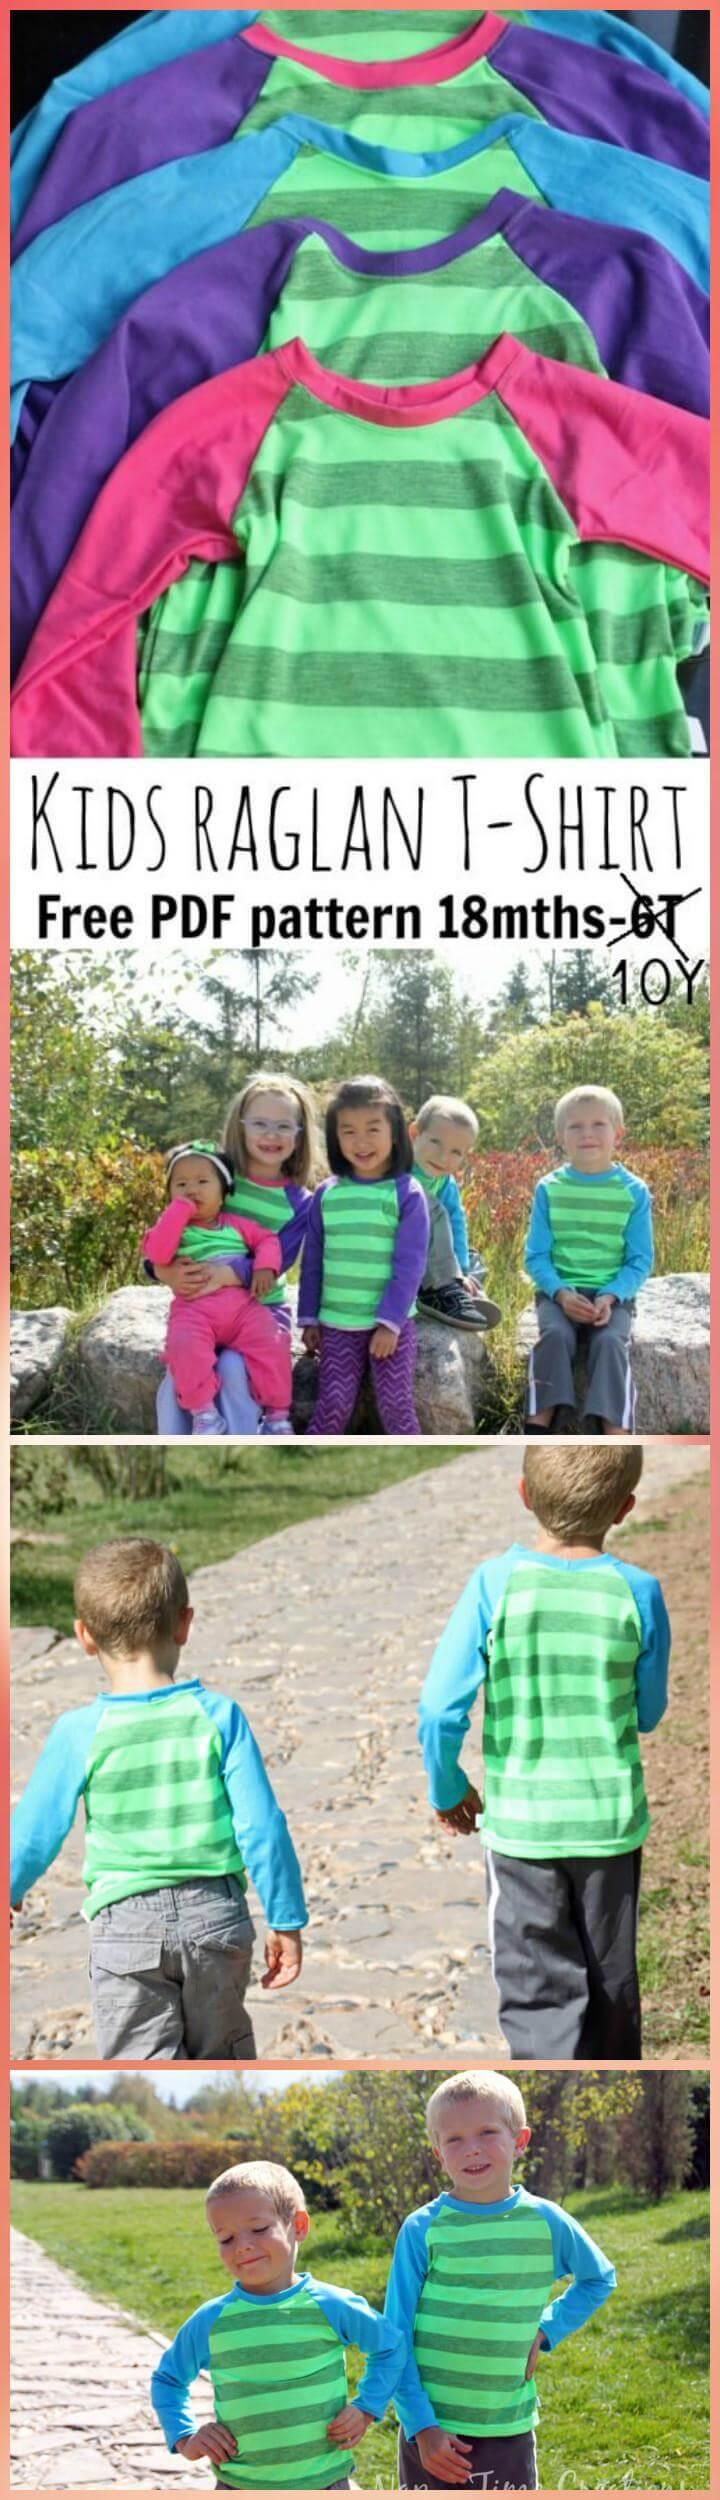 patrón de camiseta raglán fácil para niños